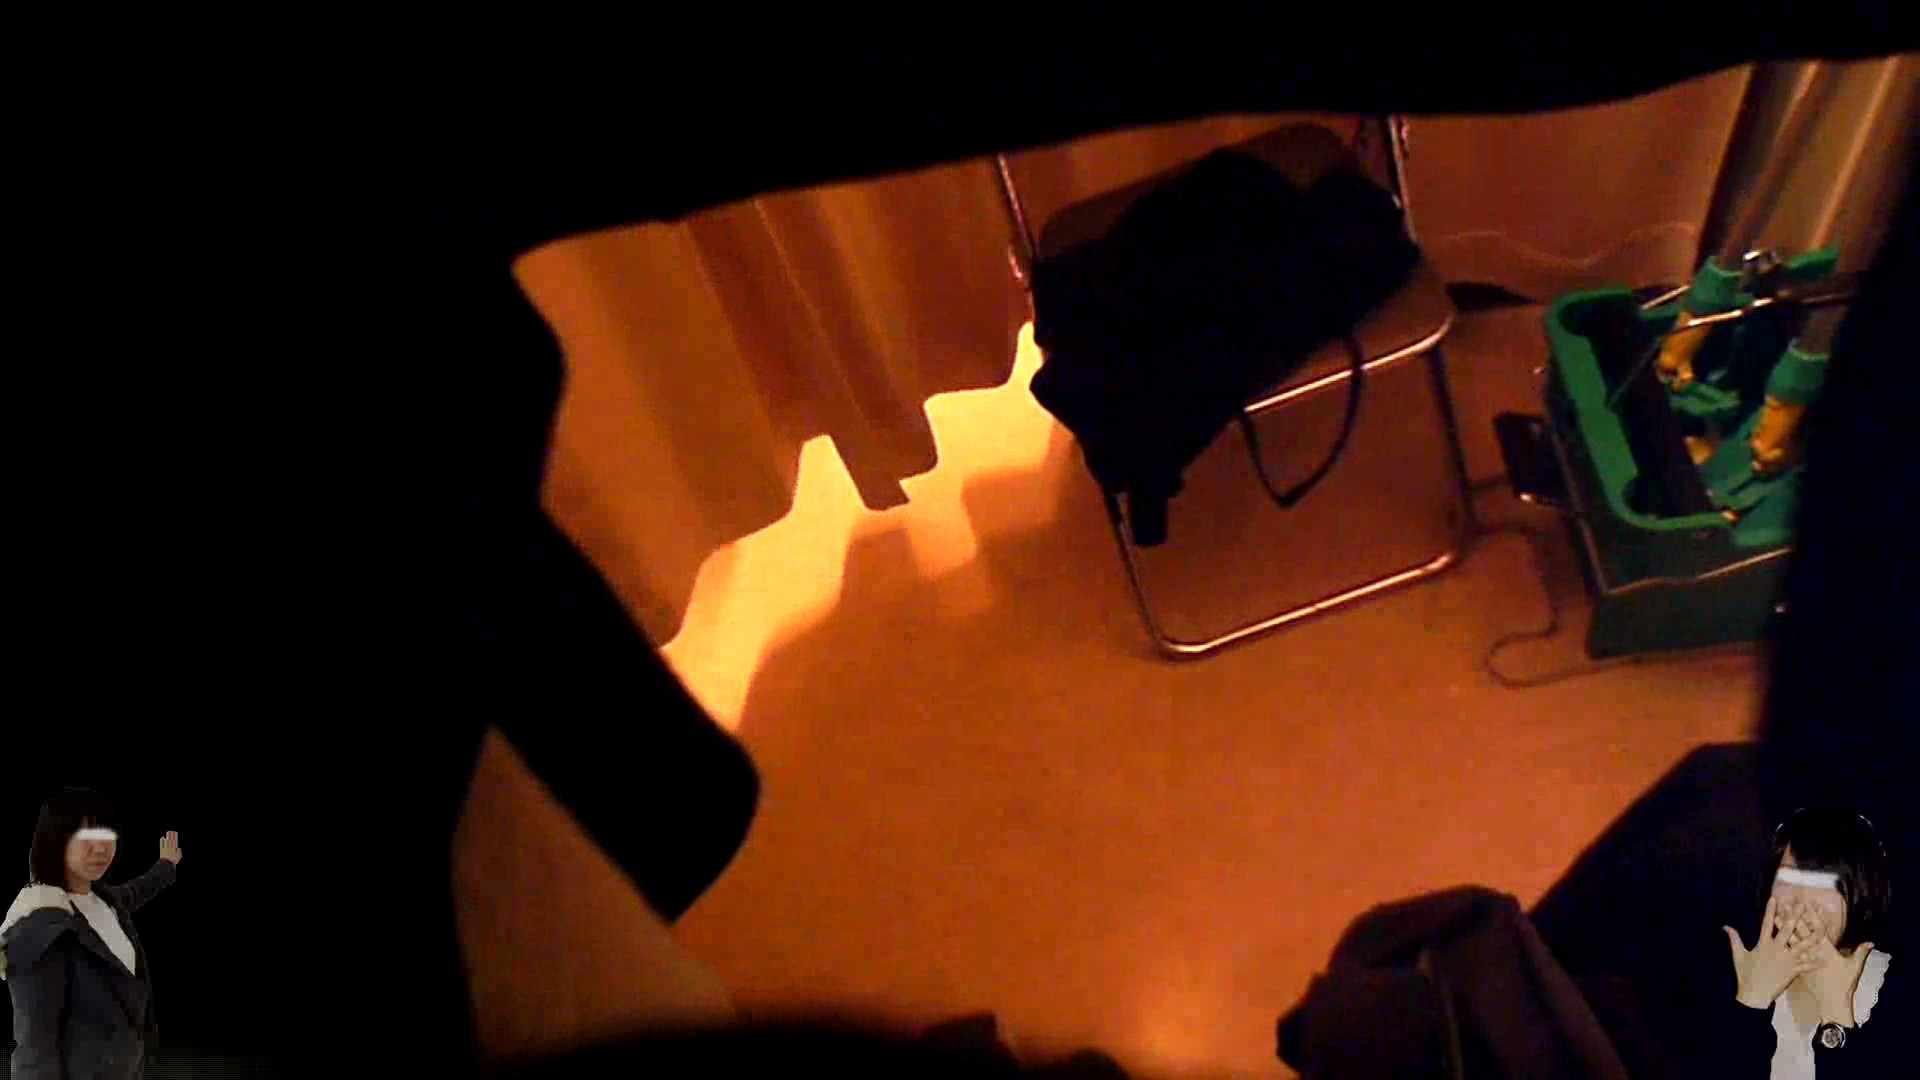 素人投稿 現役「JD」Eちゃんの着替え Vol.04 素人エロ画像 ヌード画像 76PICs 43